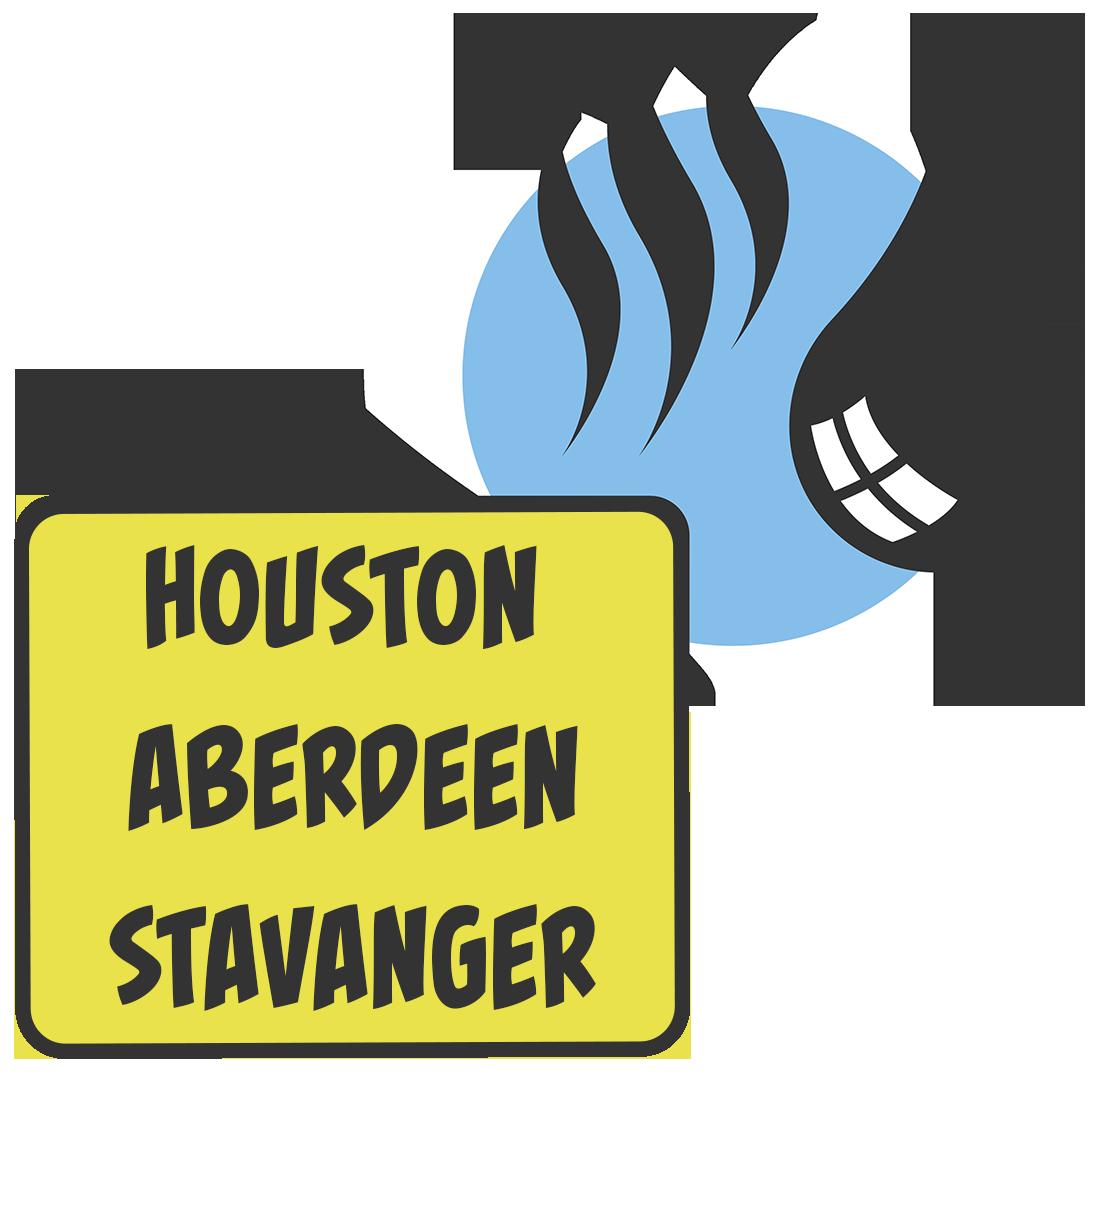 OIL&GAS-Houston, Aberdeen, Stavanger